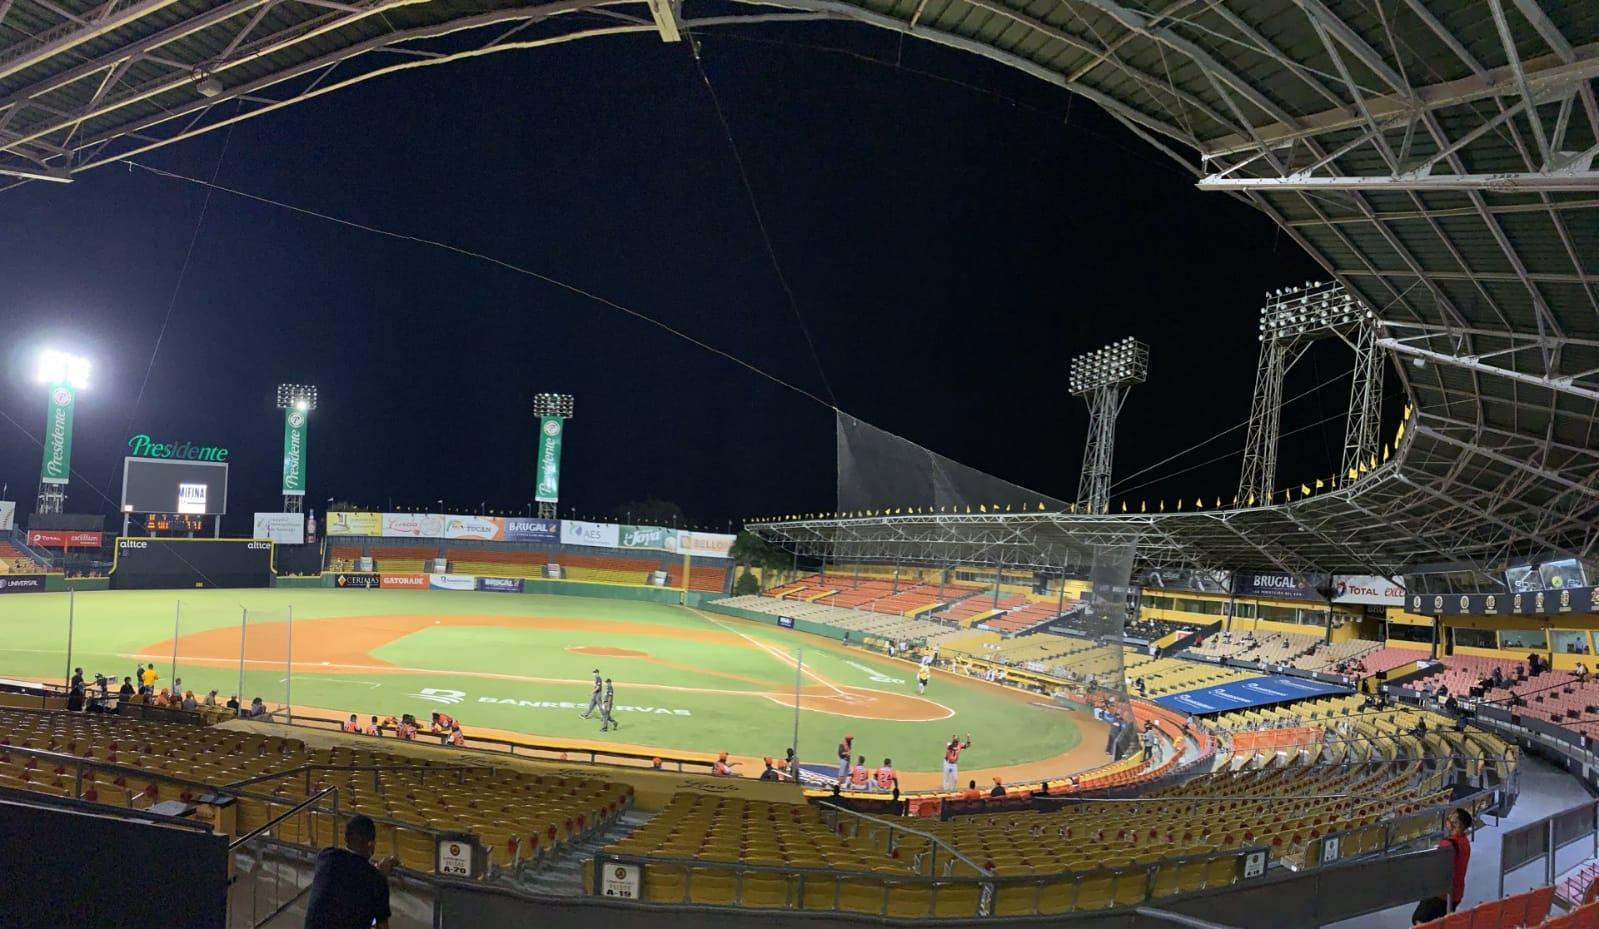 Apagón interno en estadio del Cibao detiene partido Águilas vs Toros